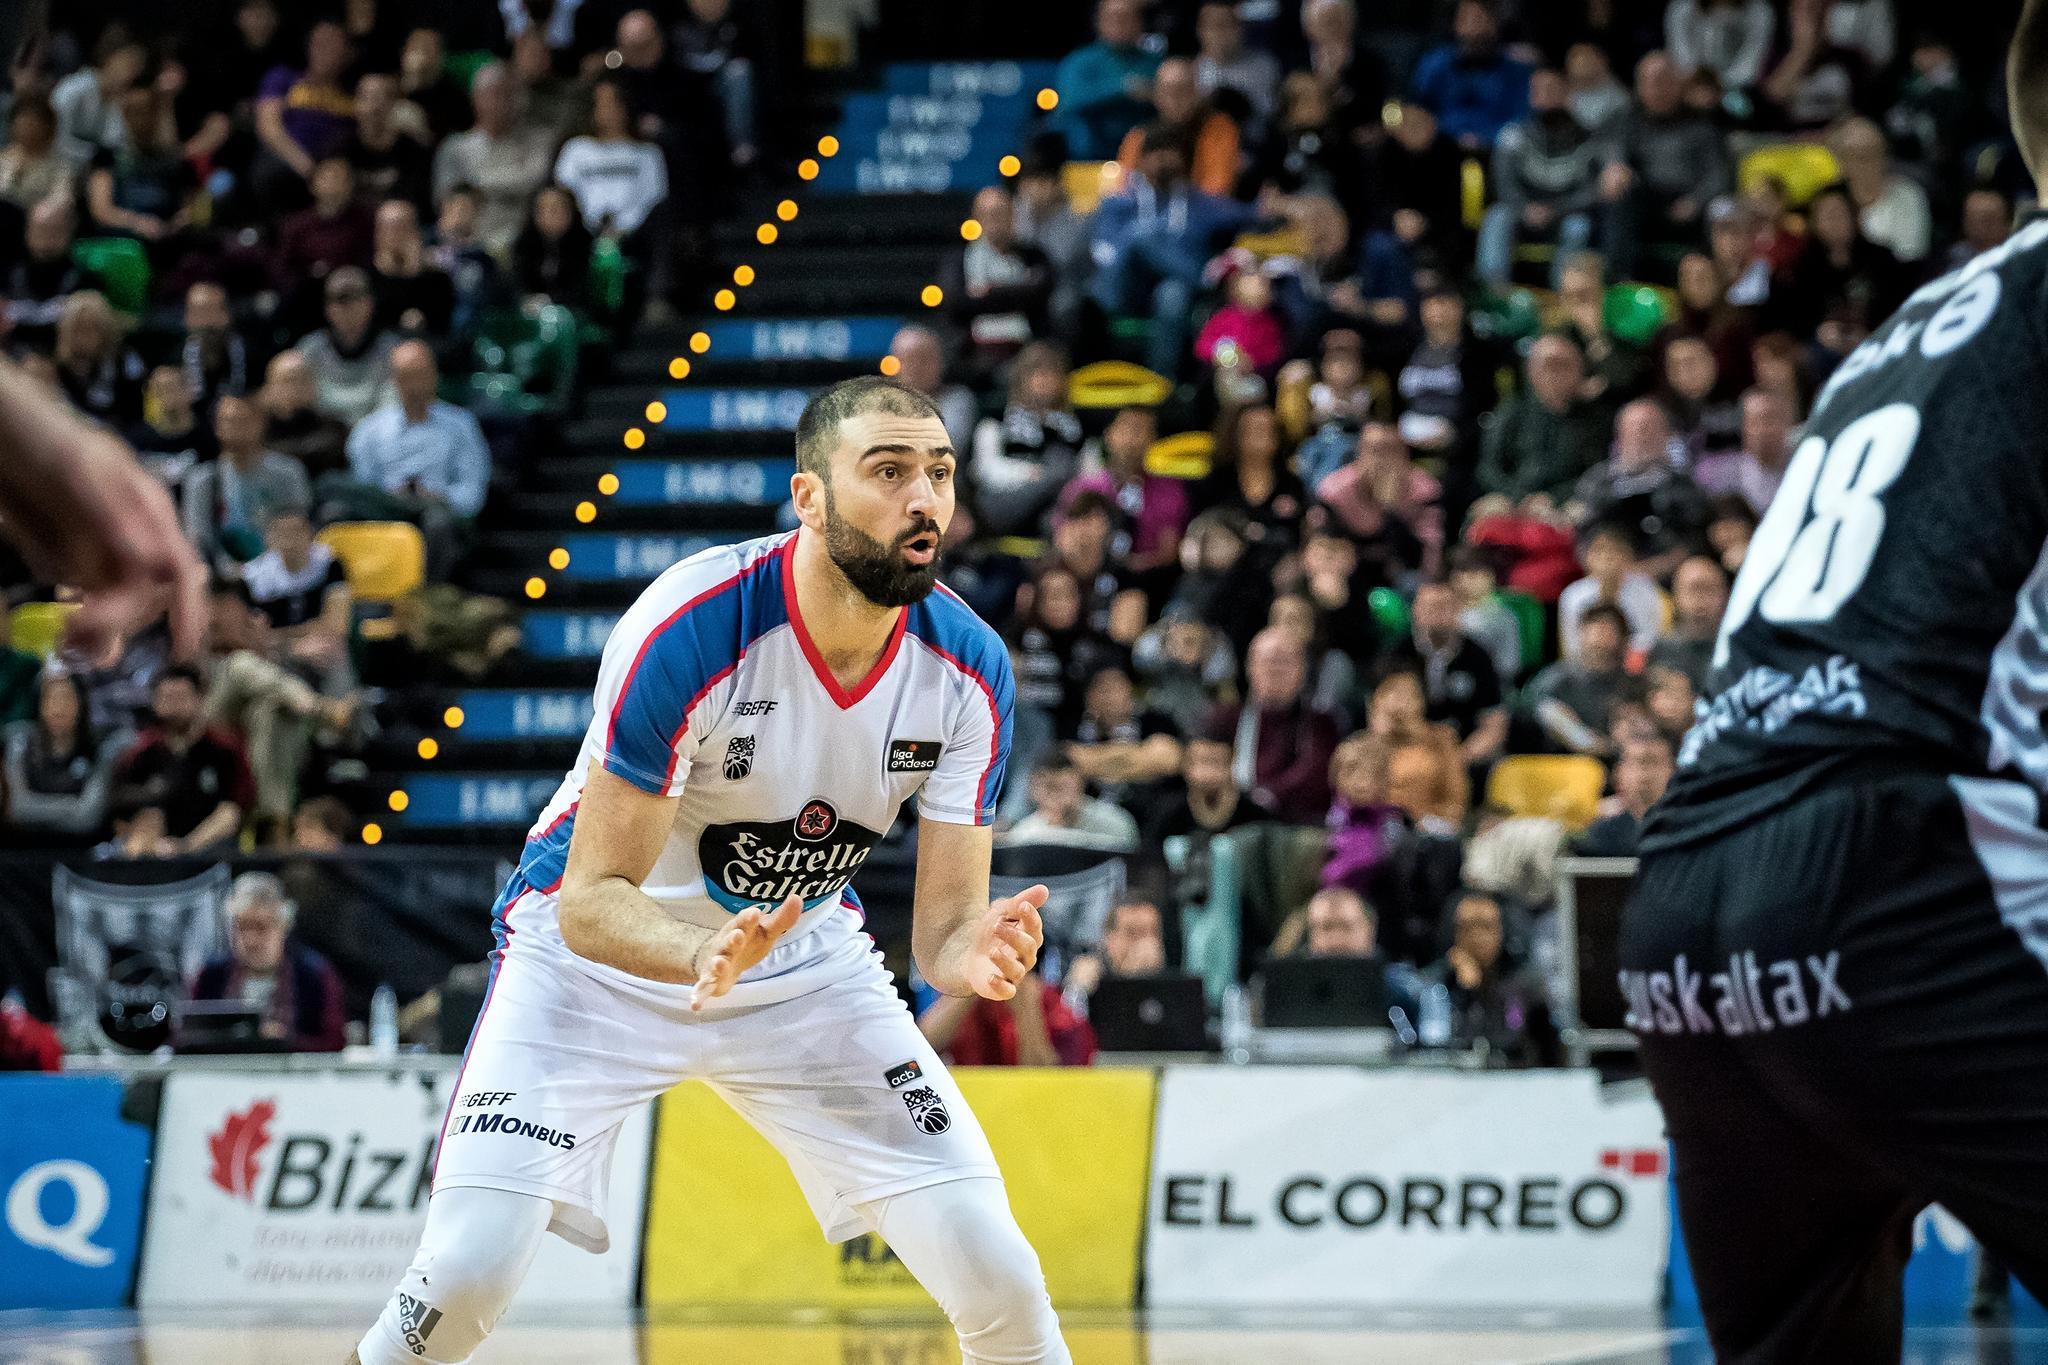 Vasileiadis pide el balón a sus compañeros  (Foto: Luis Fernando Boo).